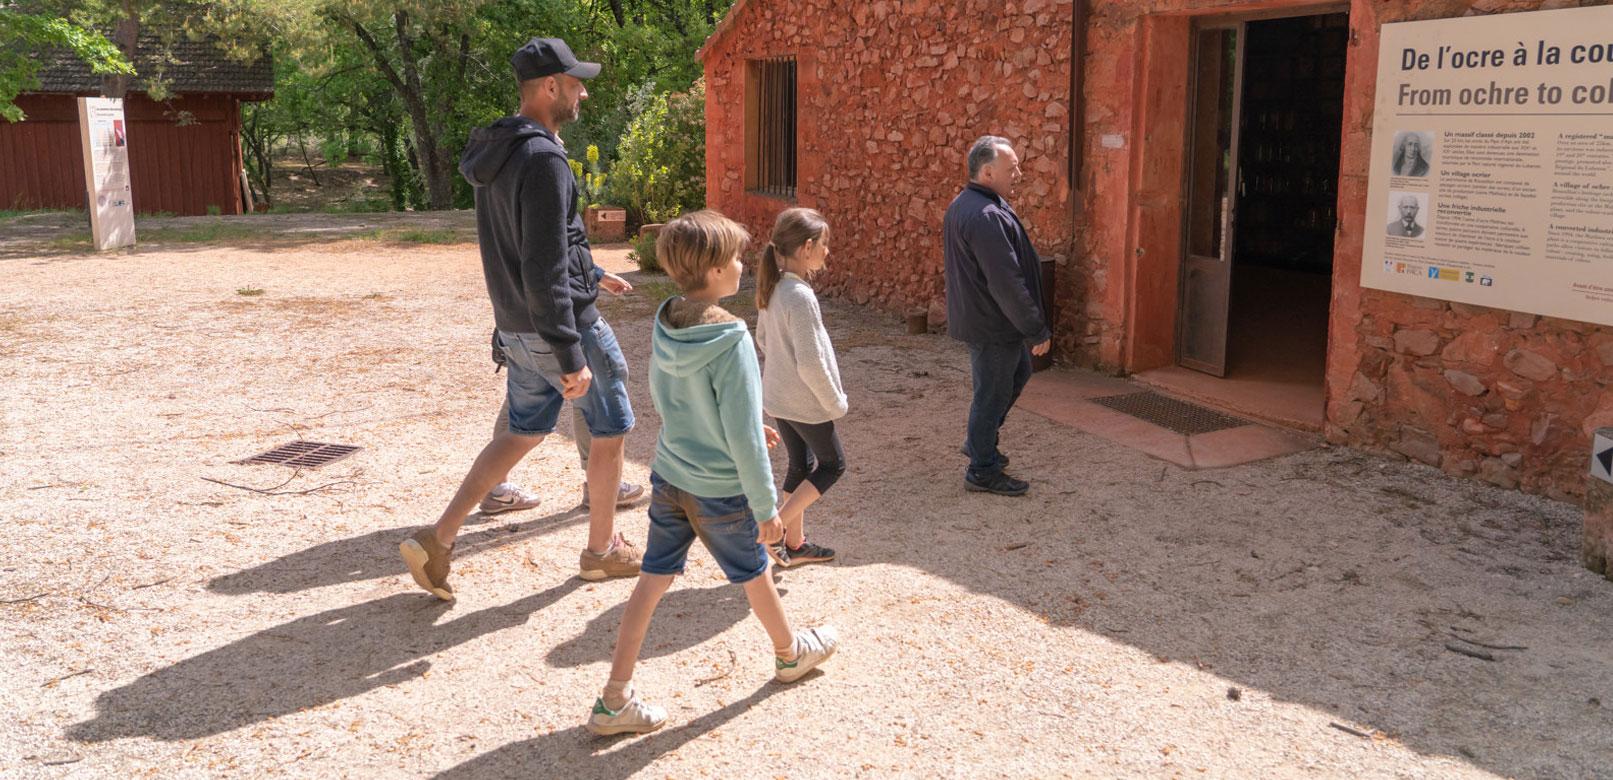 Visite guidée en Vaucluse © Planque